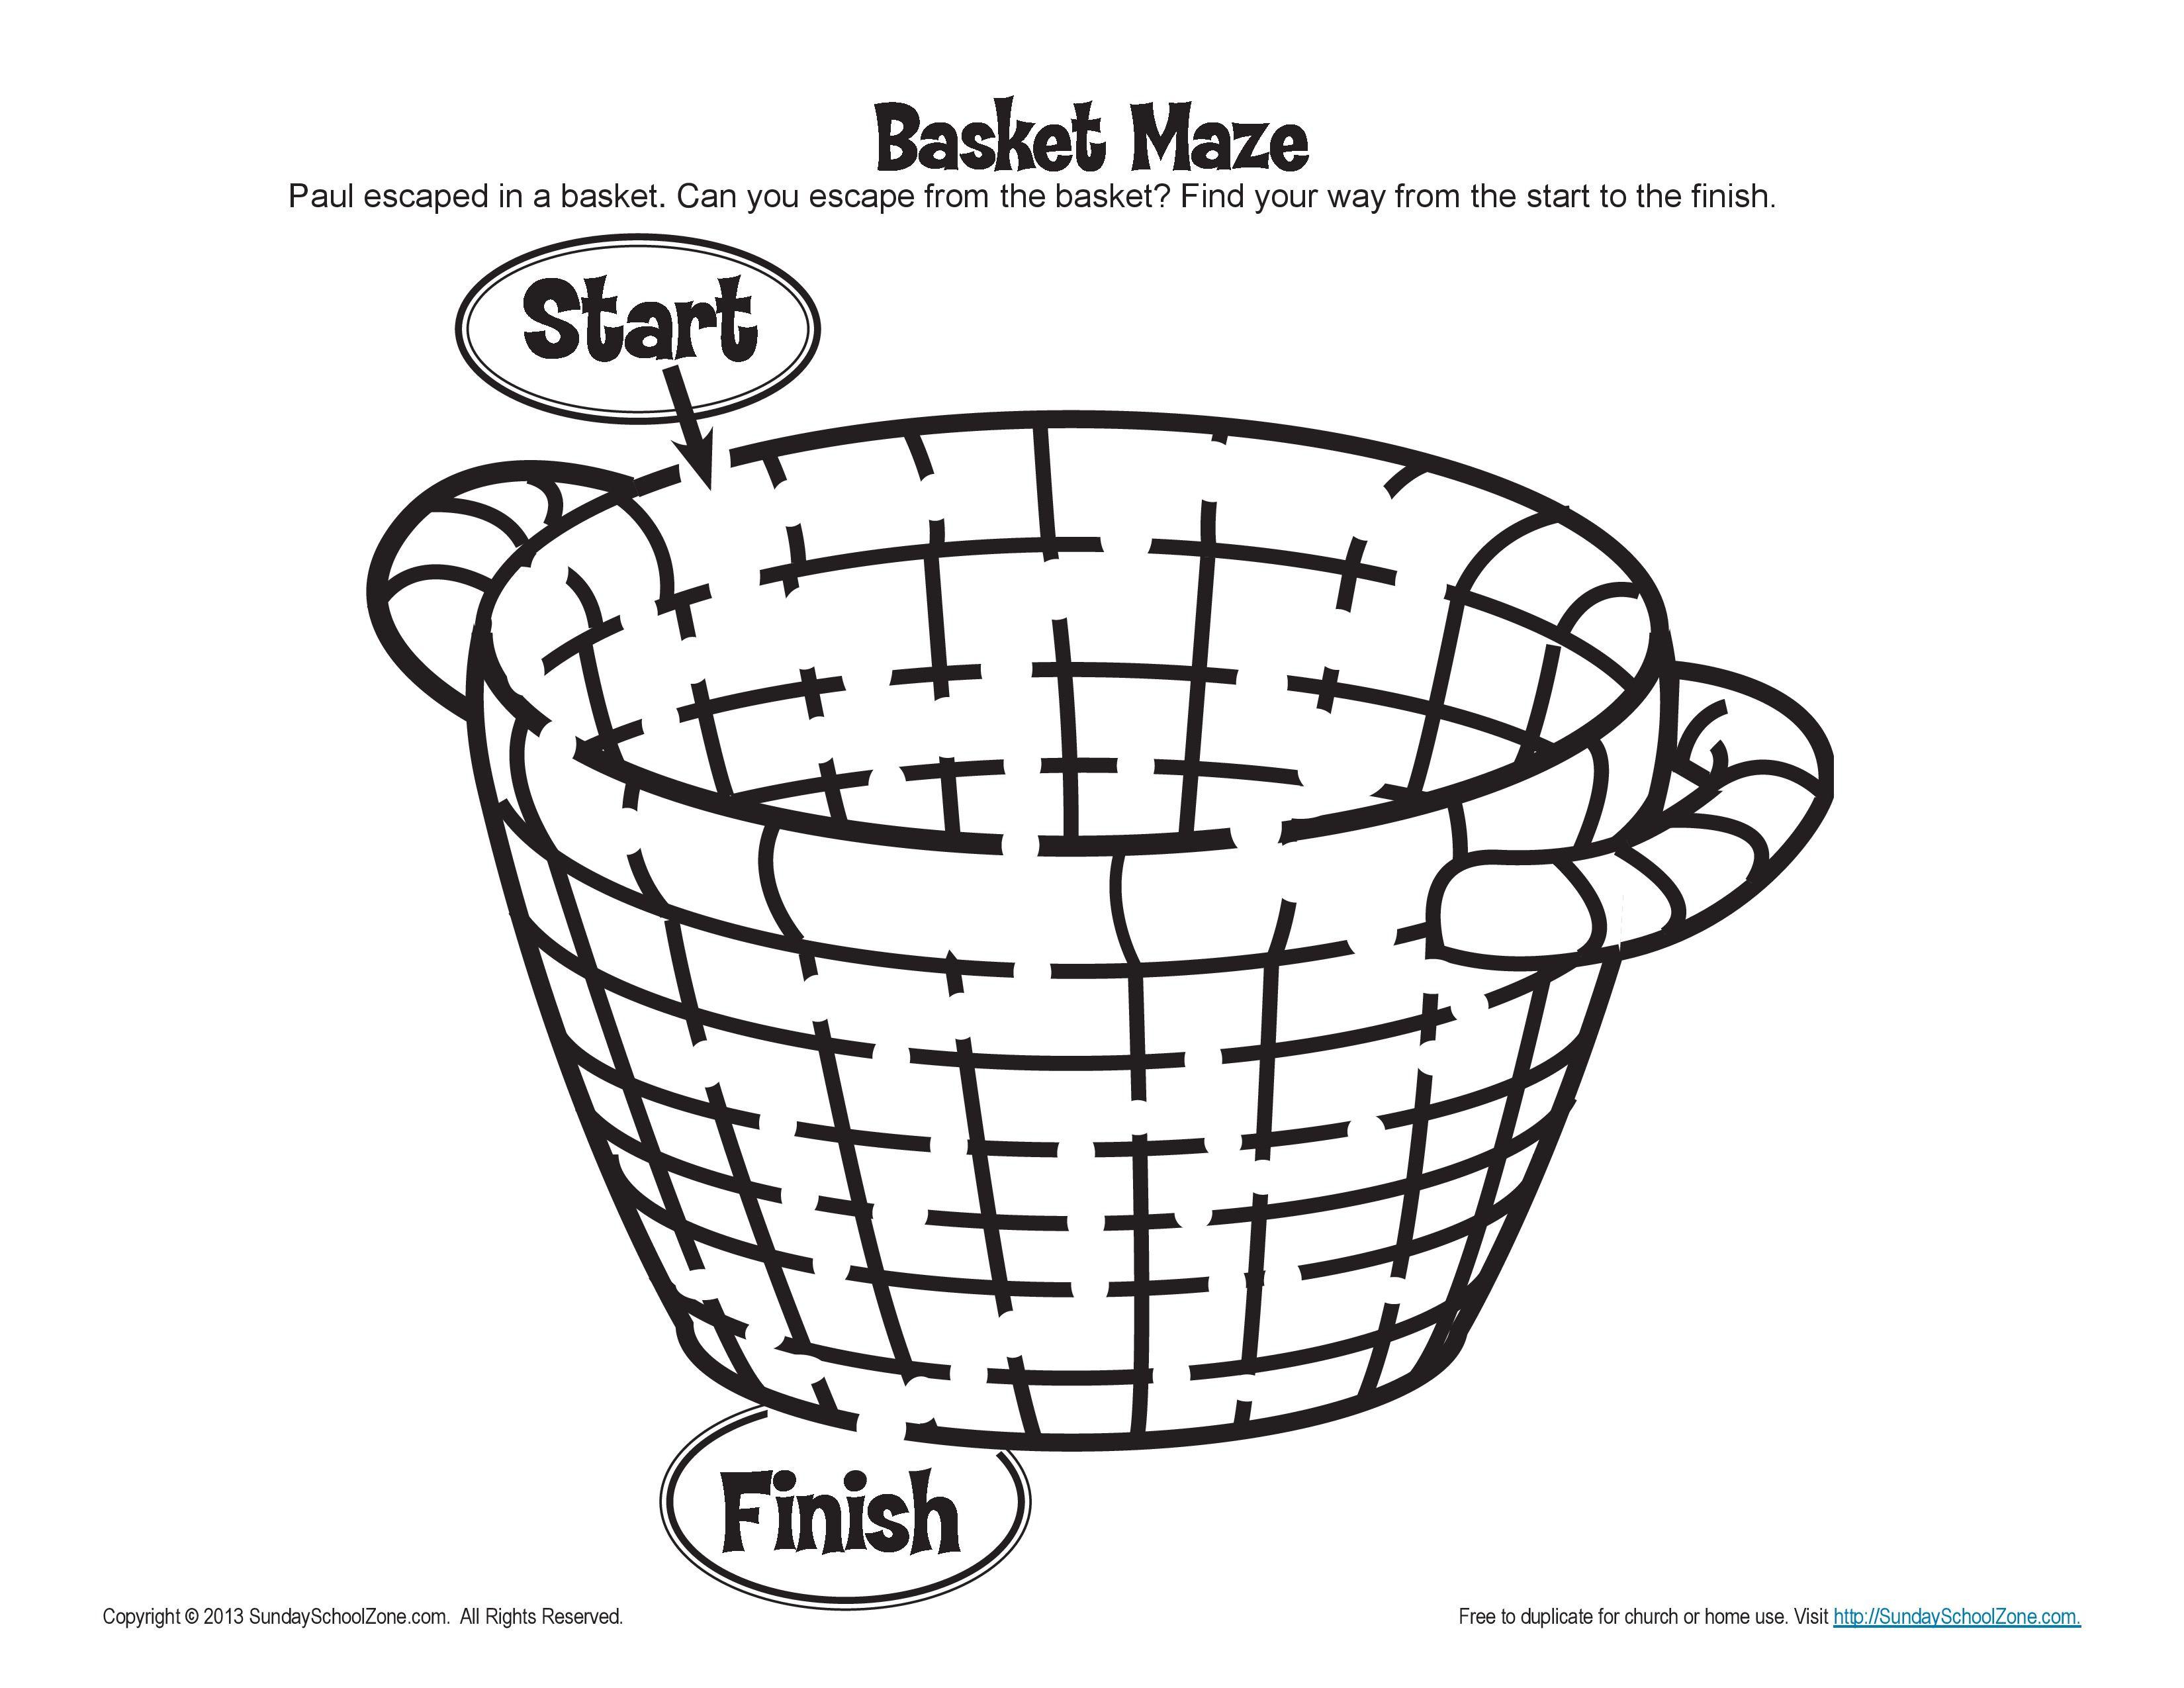 Pauls Escape Basket Maze Activity for Kids  Inspiratie